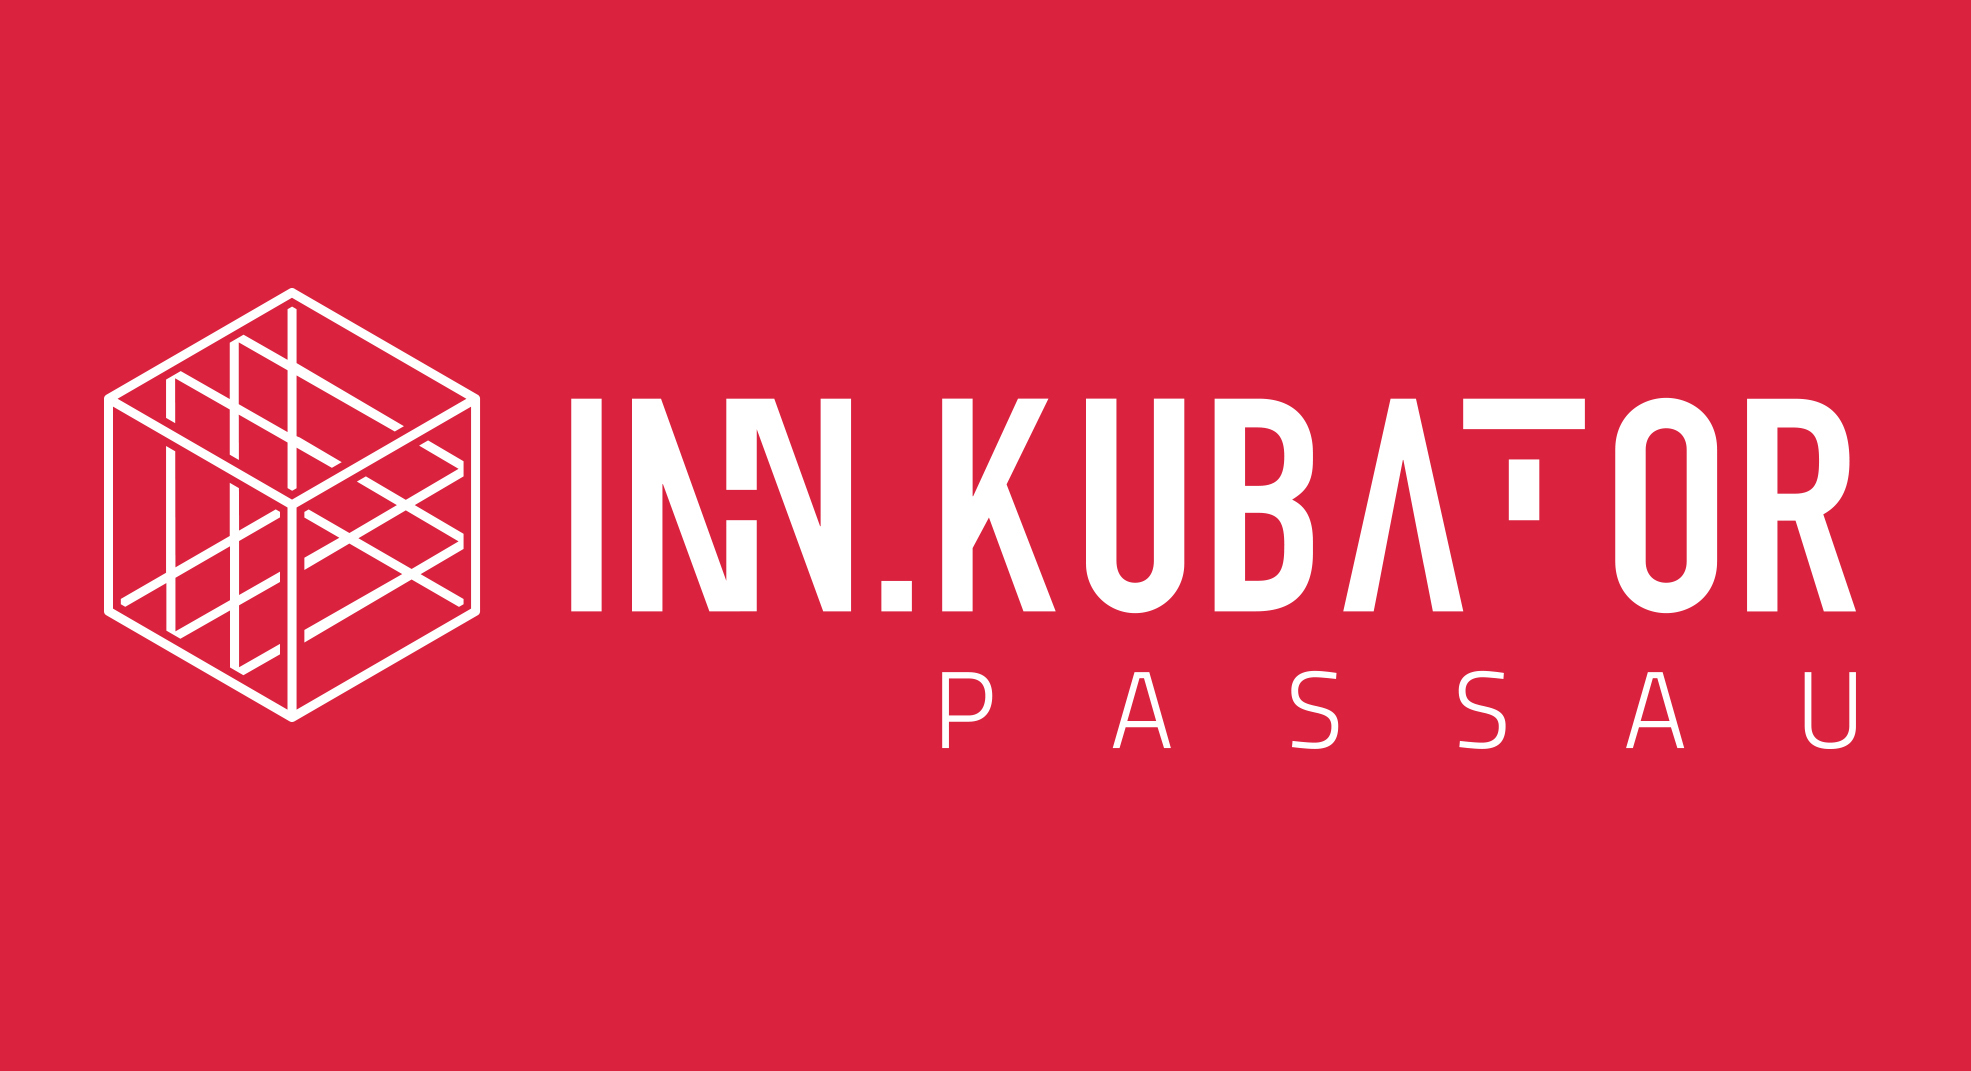 Innkubator-weiß-auf-rot-test